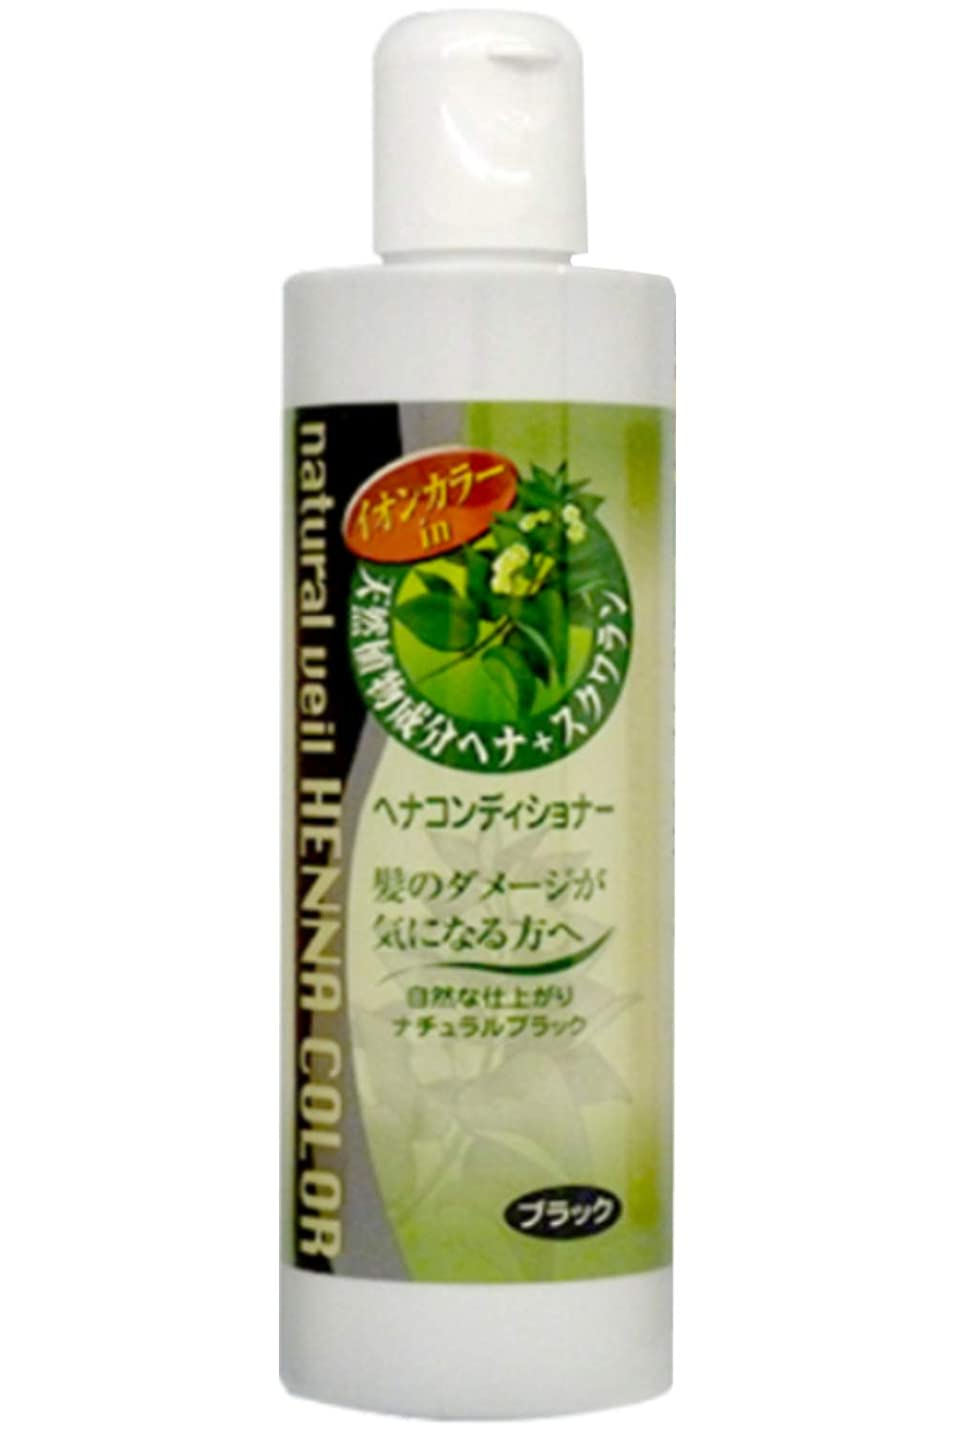 物思いにふける手伝うシロナガスクジラヘナ コンディショナー1本300ml【ブラック】洗い流すたびに少しずつムラなく髪が染まる 時間をおく必要なし 洗い流すだけ ヘアカラー 白髪 染め 日本製 Ho-90233